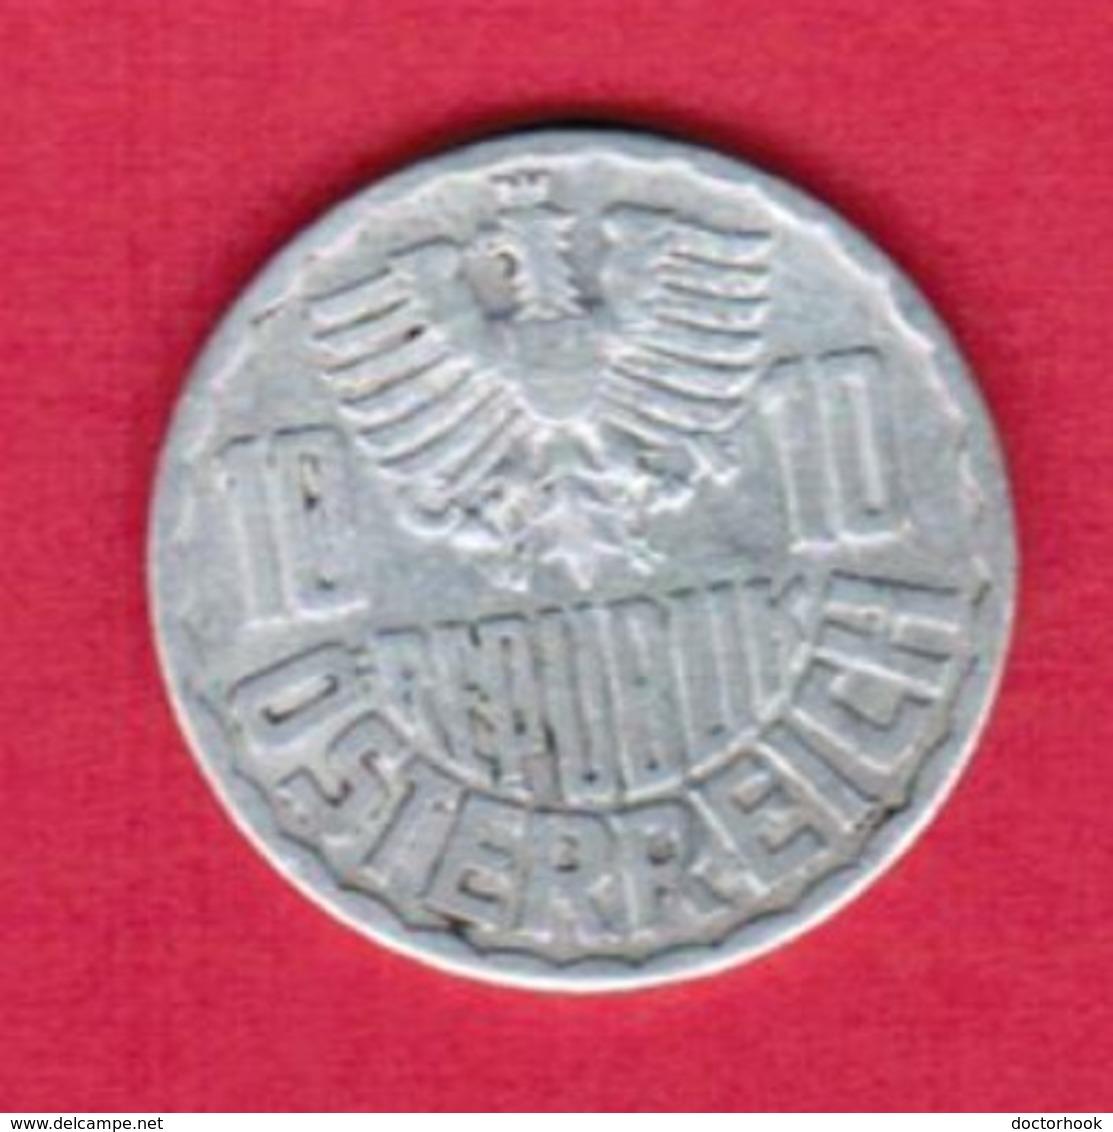 AUSTRIA   10 GROSCHEN 1955 (KM # 2878) #5135 - Austria